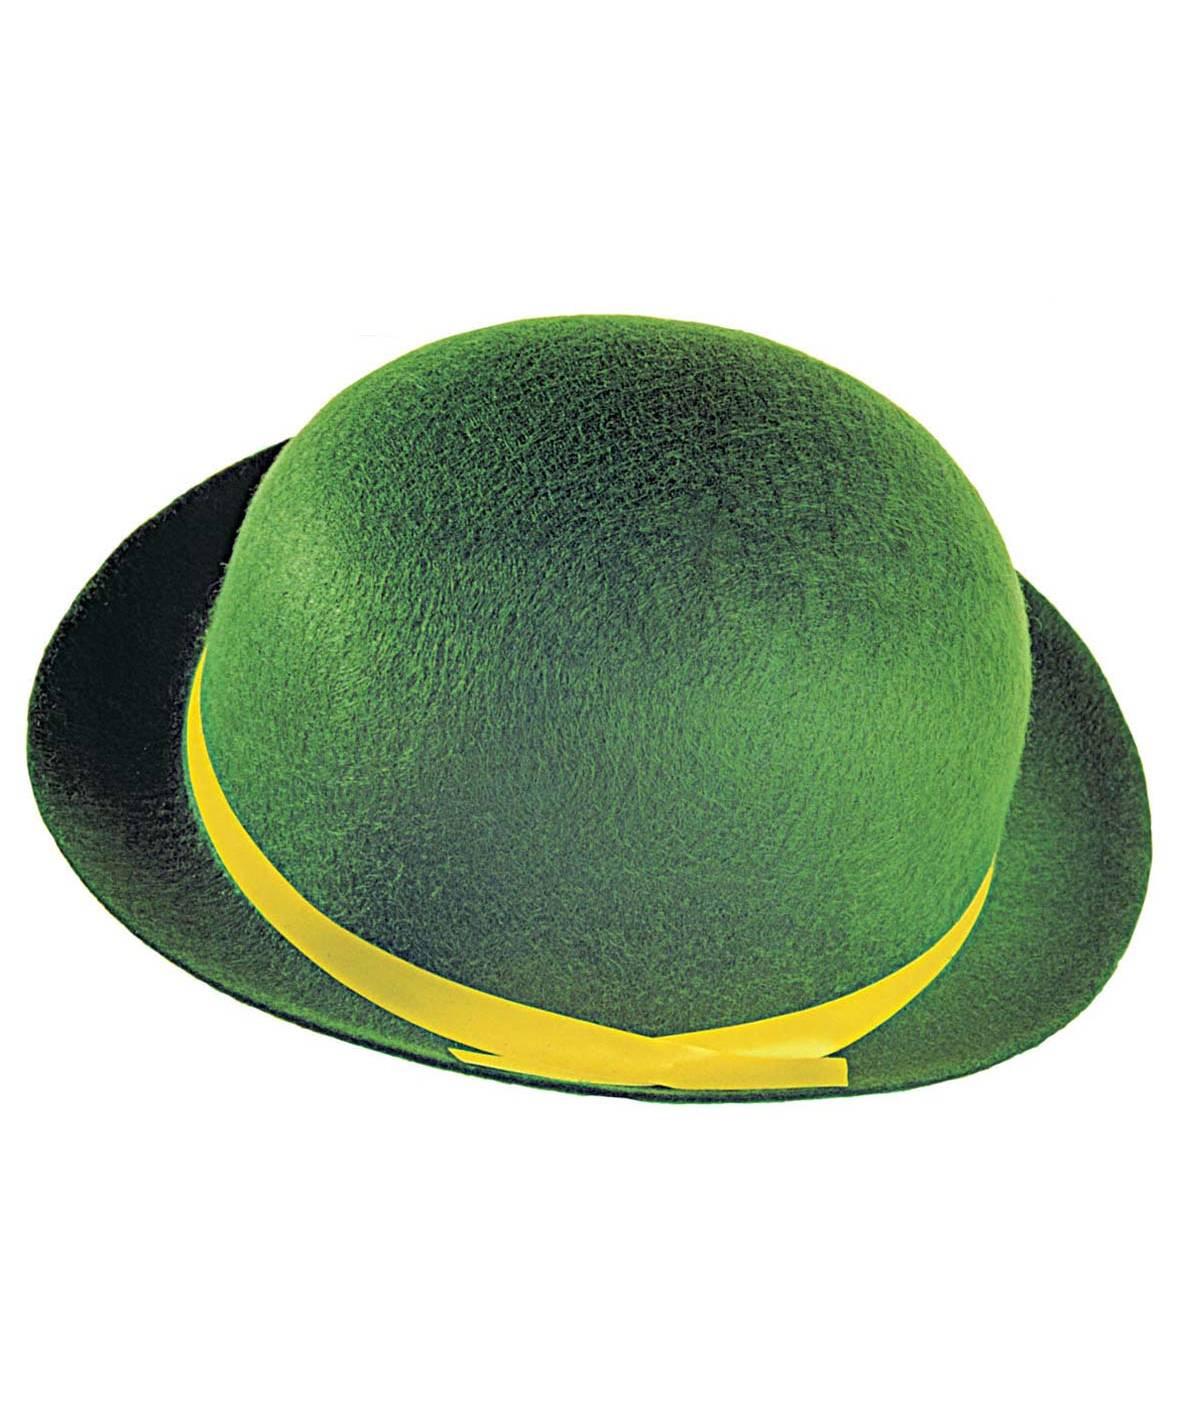 Chapeau-melon-couleur-pour-enfant-3